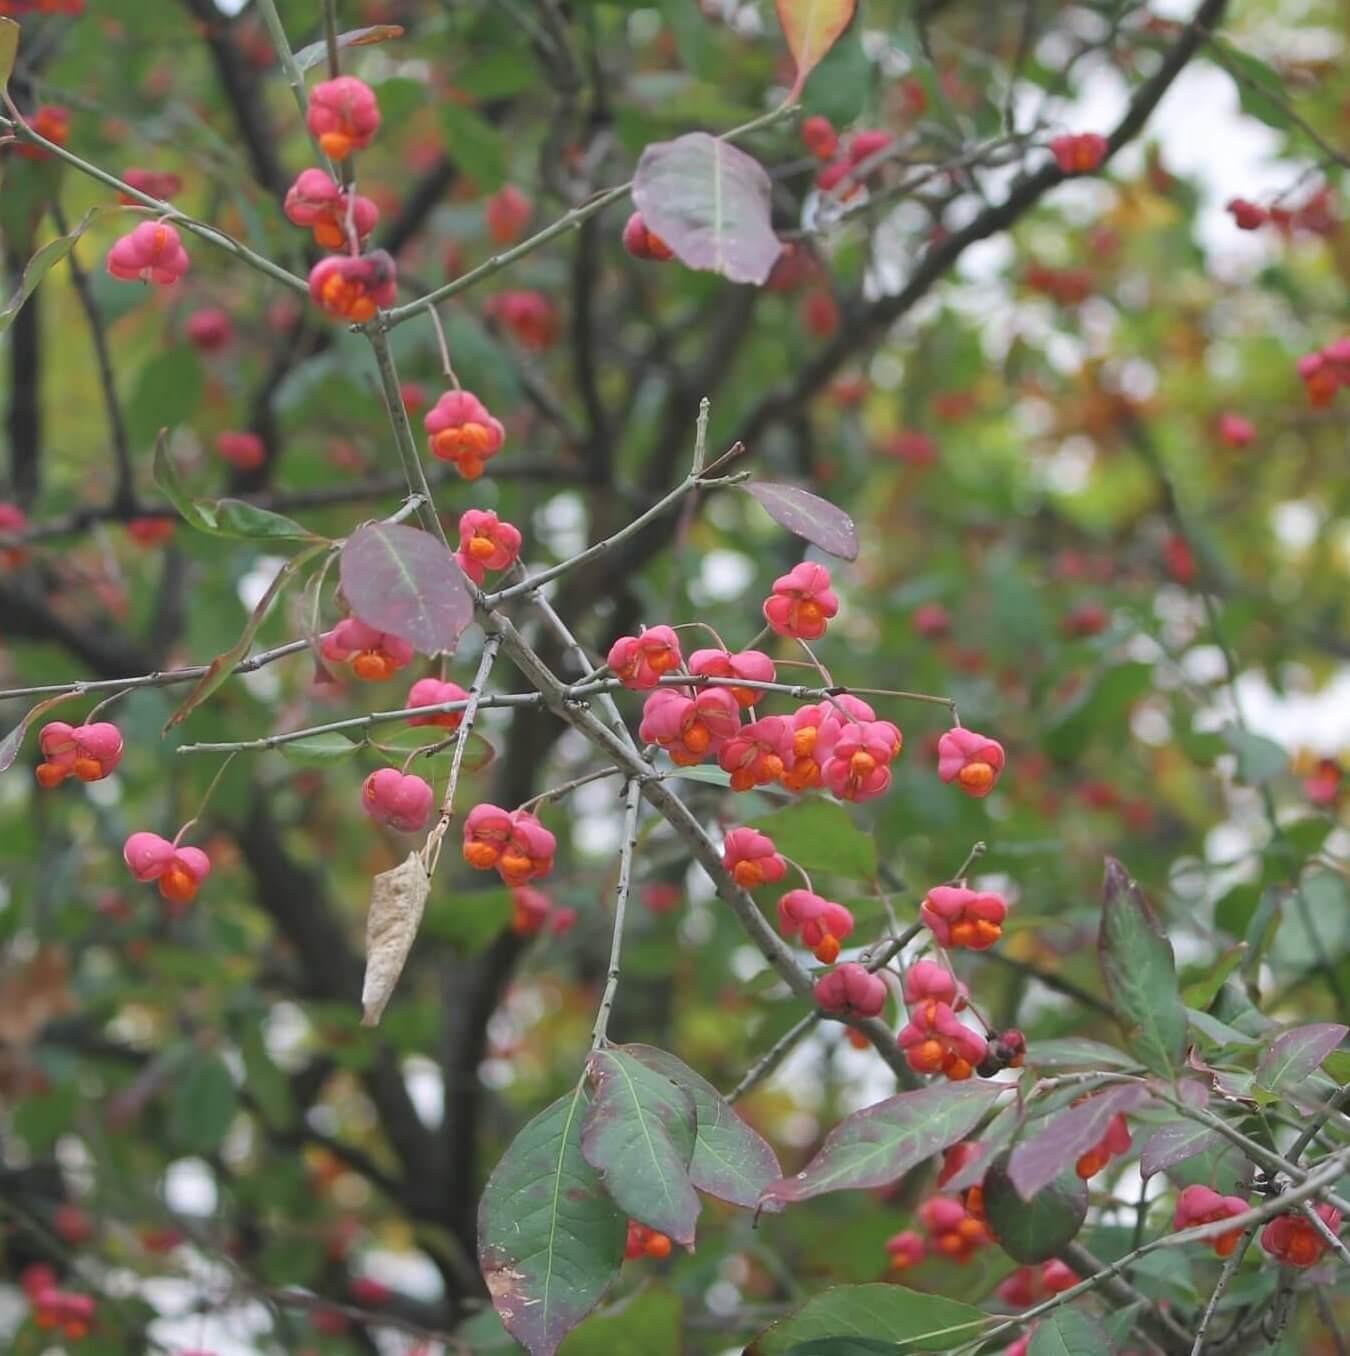 Das Bild zeigt die kräftig roten Fruchtkapseln eines Pfaffenhütchens, die sich im Oktober öffnen und die von einem leuchtend orangeroten Fruchtmantel umhüllten Samen erkennen lassen.